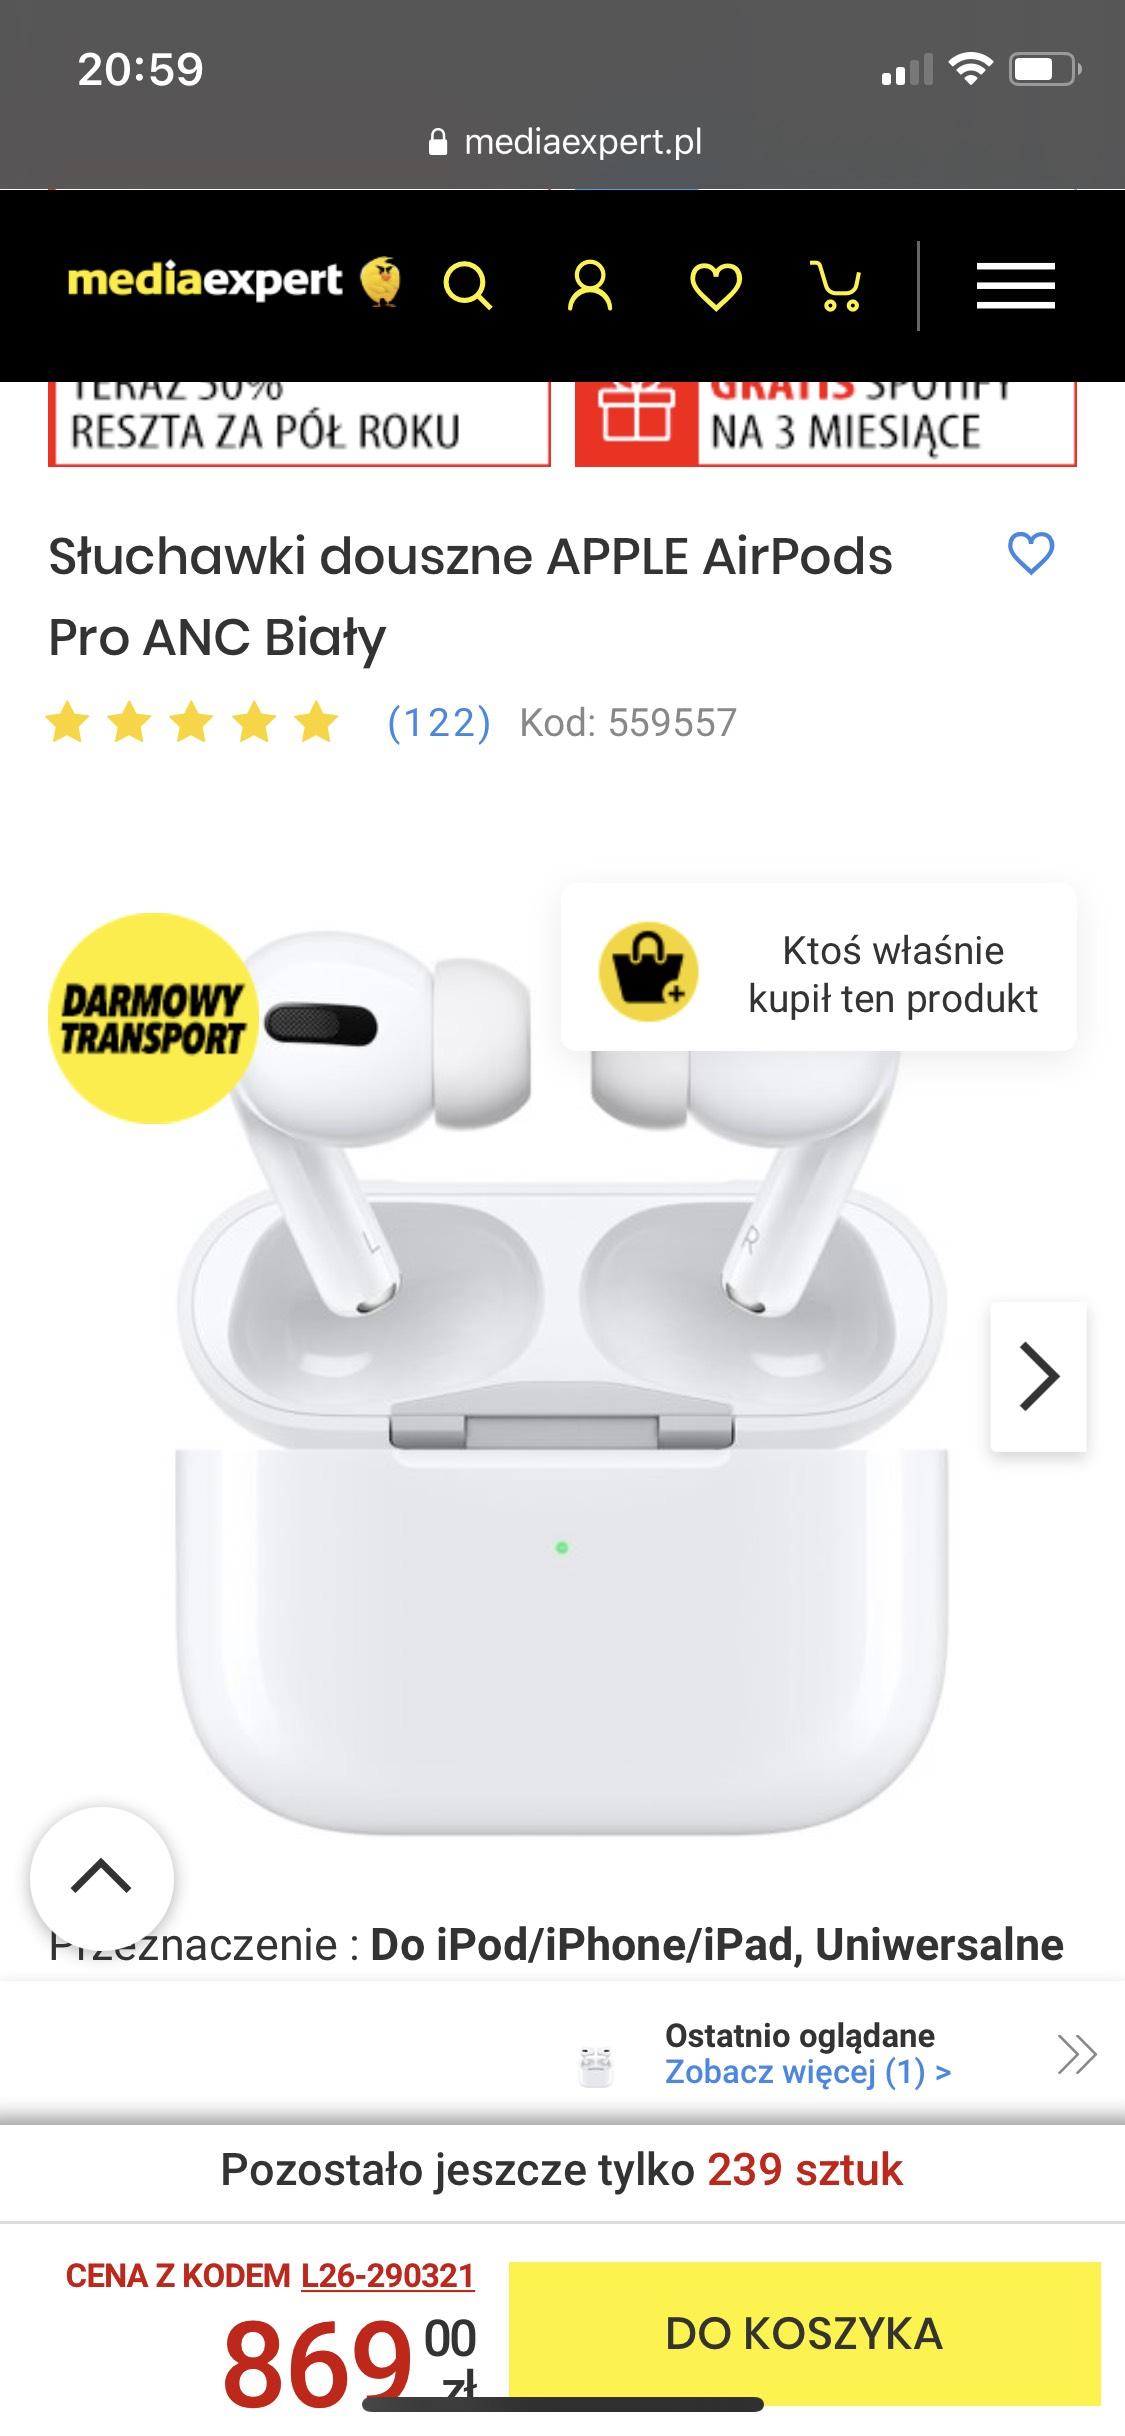 Słuchawki douszne APPLE AirPods Pro ANC Biały